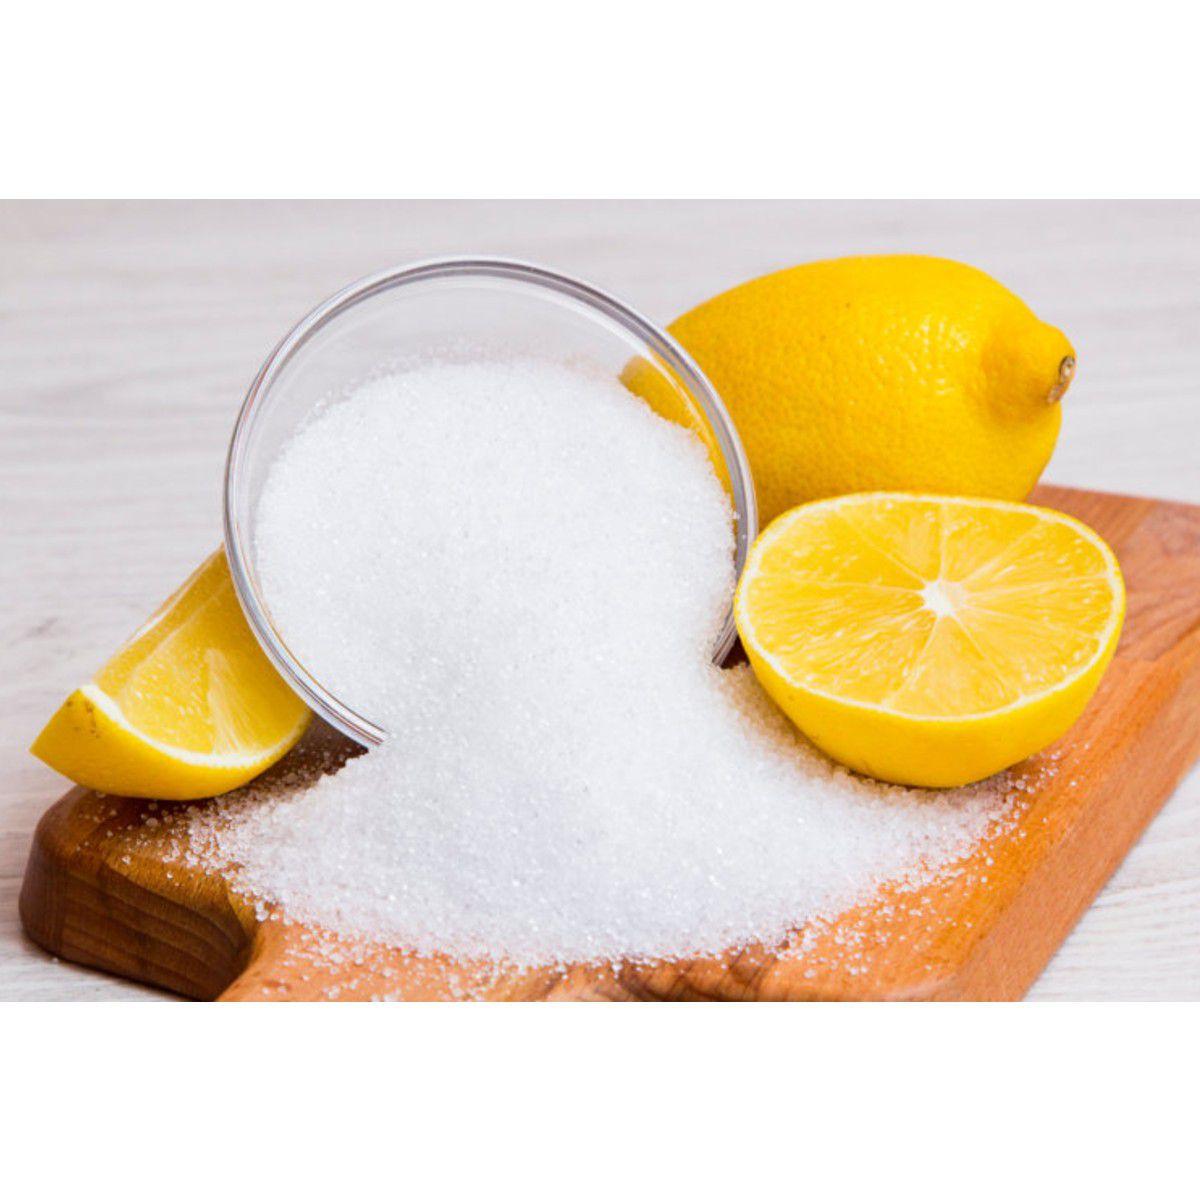 Ácido Cítrico Anidro Alimentício Usp - 5kg